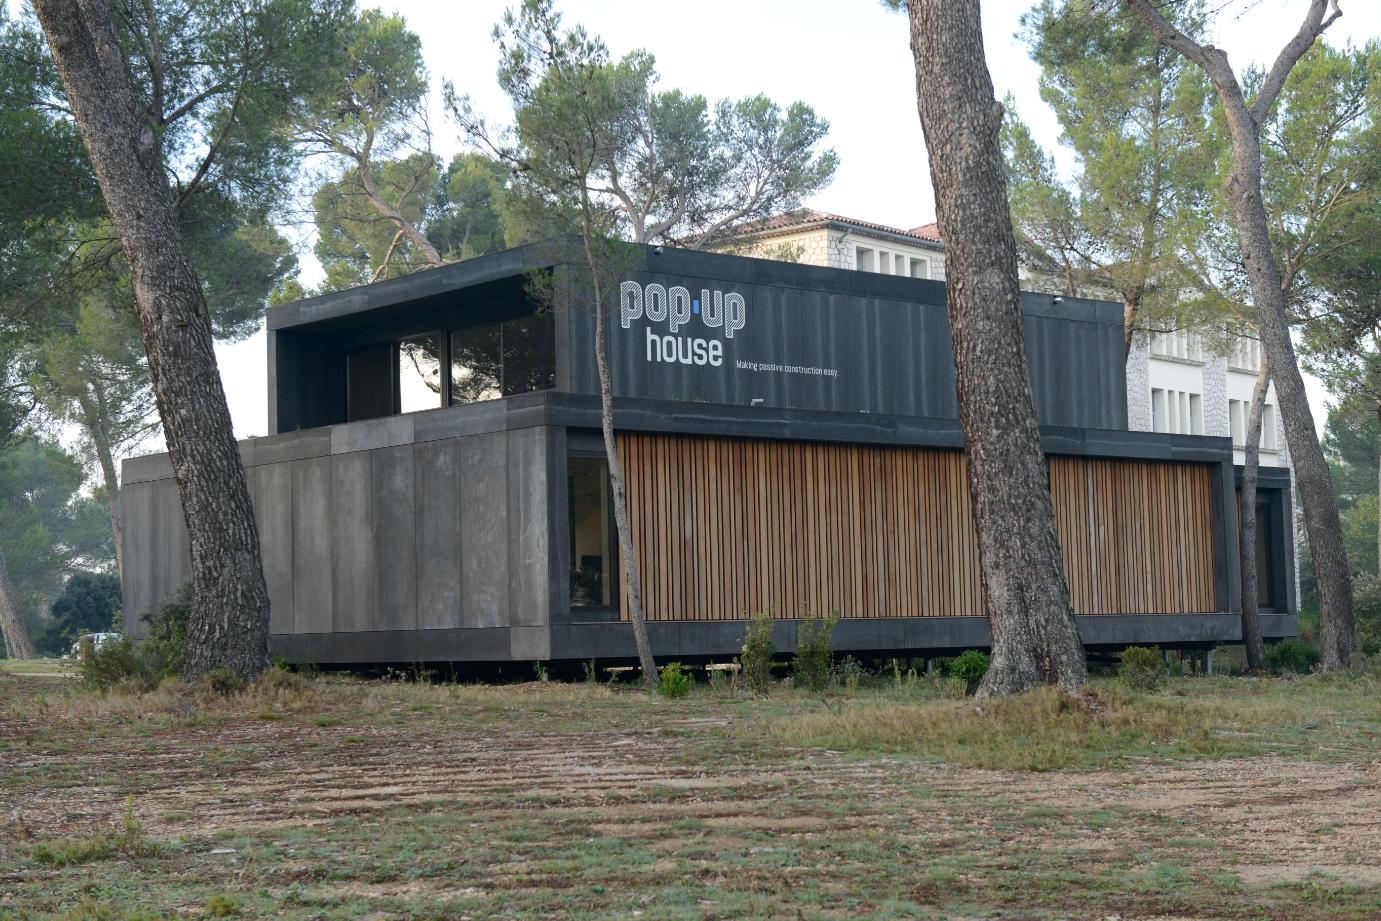 focus sur l 39 cologique popup house mairie d 39 aix en provence. Black Bedroom Furniture Sets. Home Design Ideas